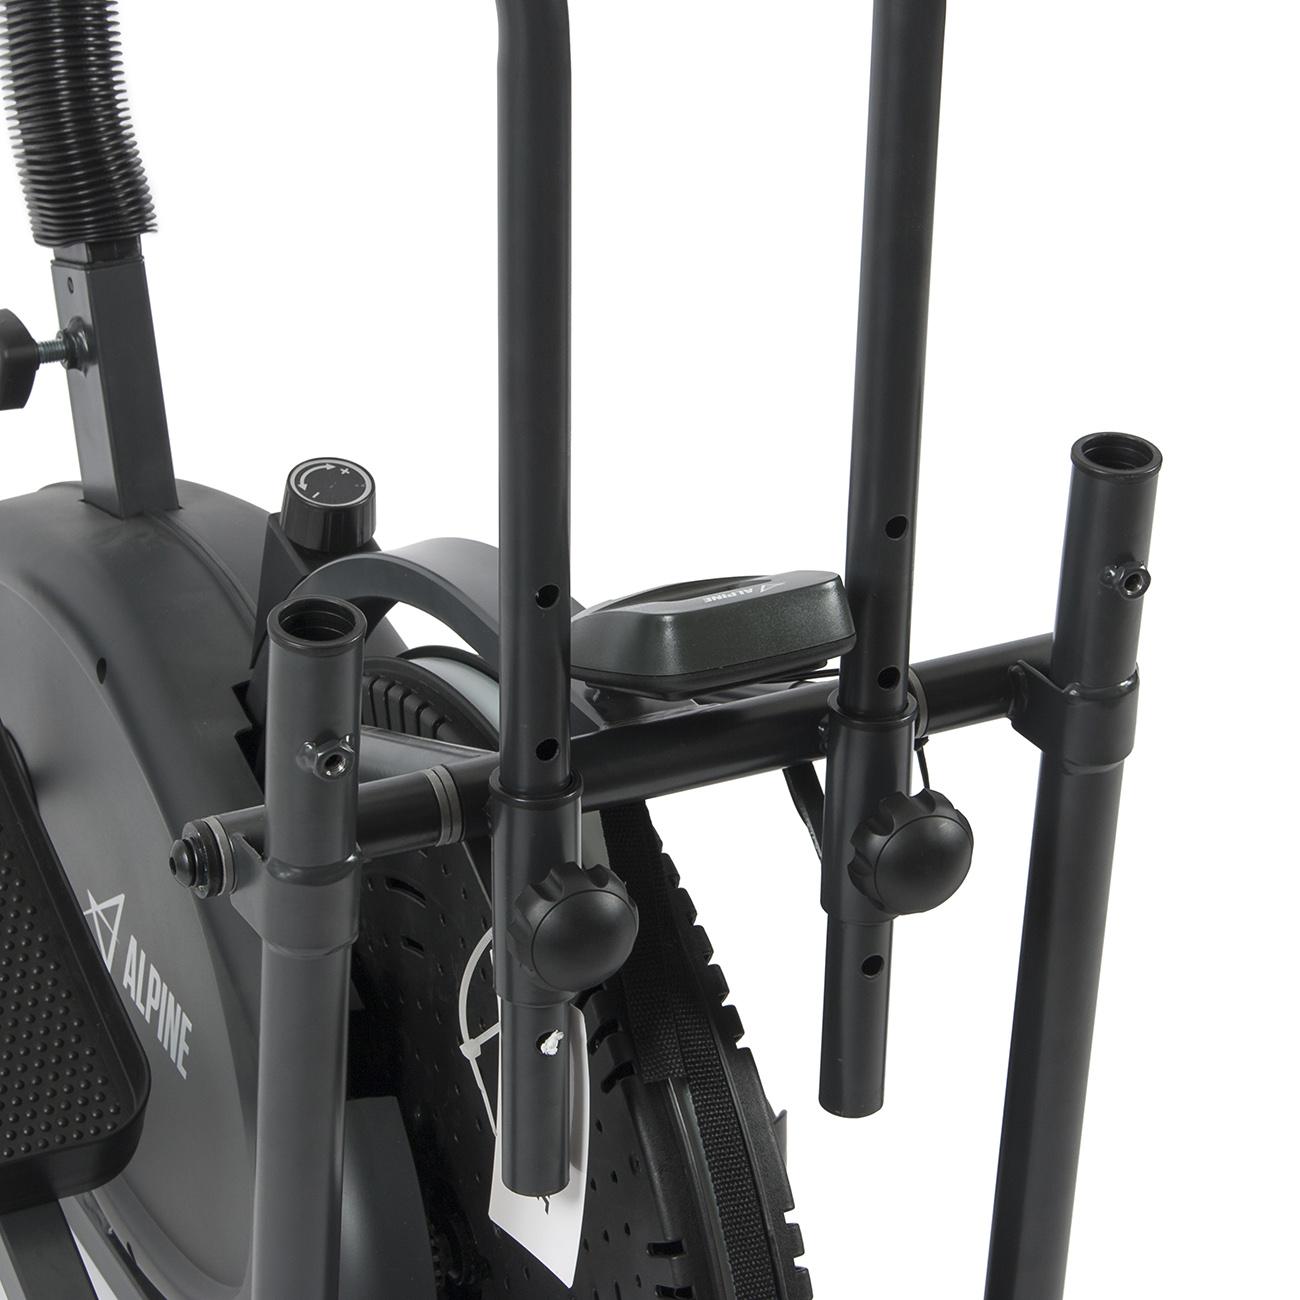 Elliptical Bike Types: Elliptical Bike 2 IN 1 Cross Trainer Exercise Fitness